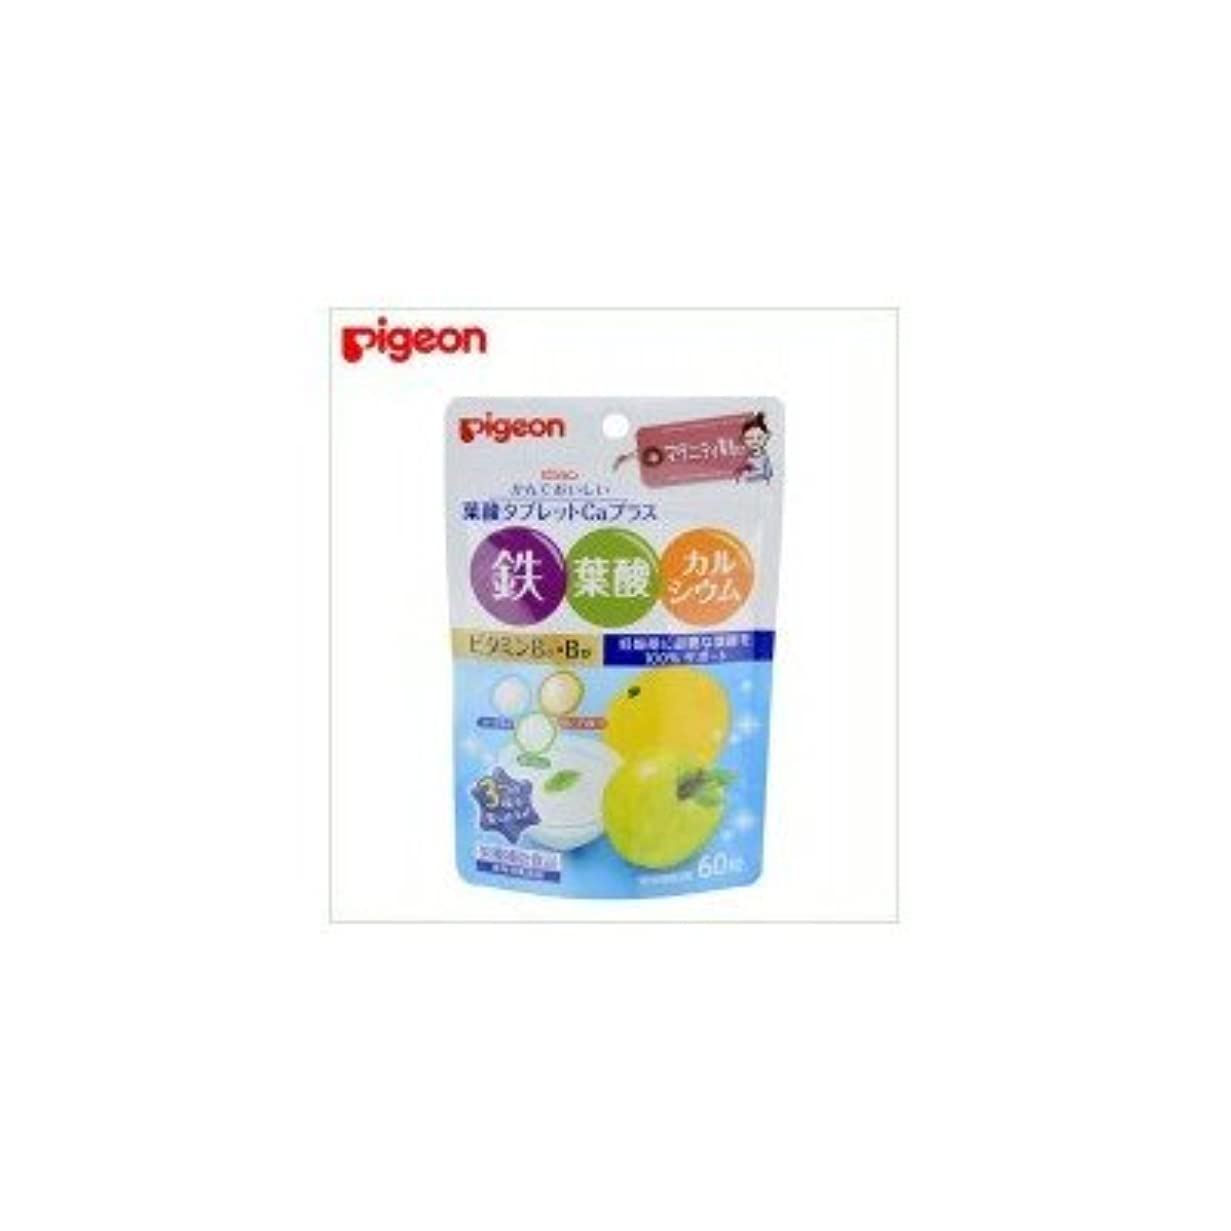 曇った鎮静剤ボールPigeon(ピジョン) サプリメント 栄養補助食品 かんでおいしい葉酸タブレット Caプラス 60粒 20446